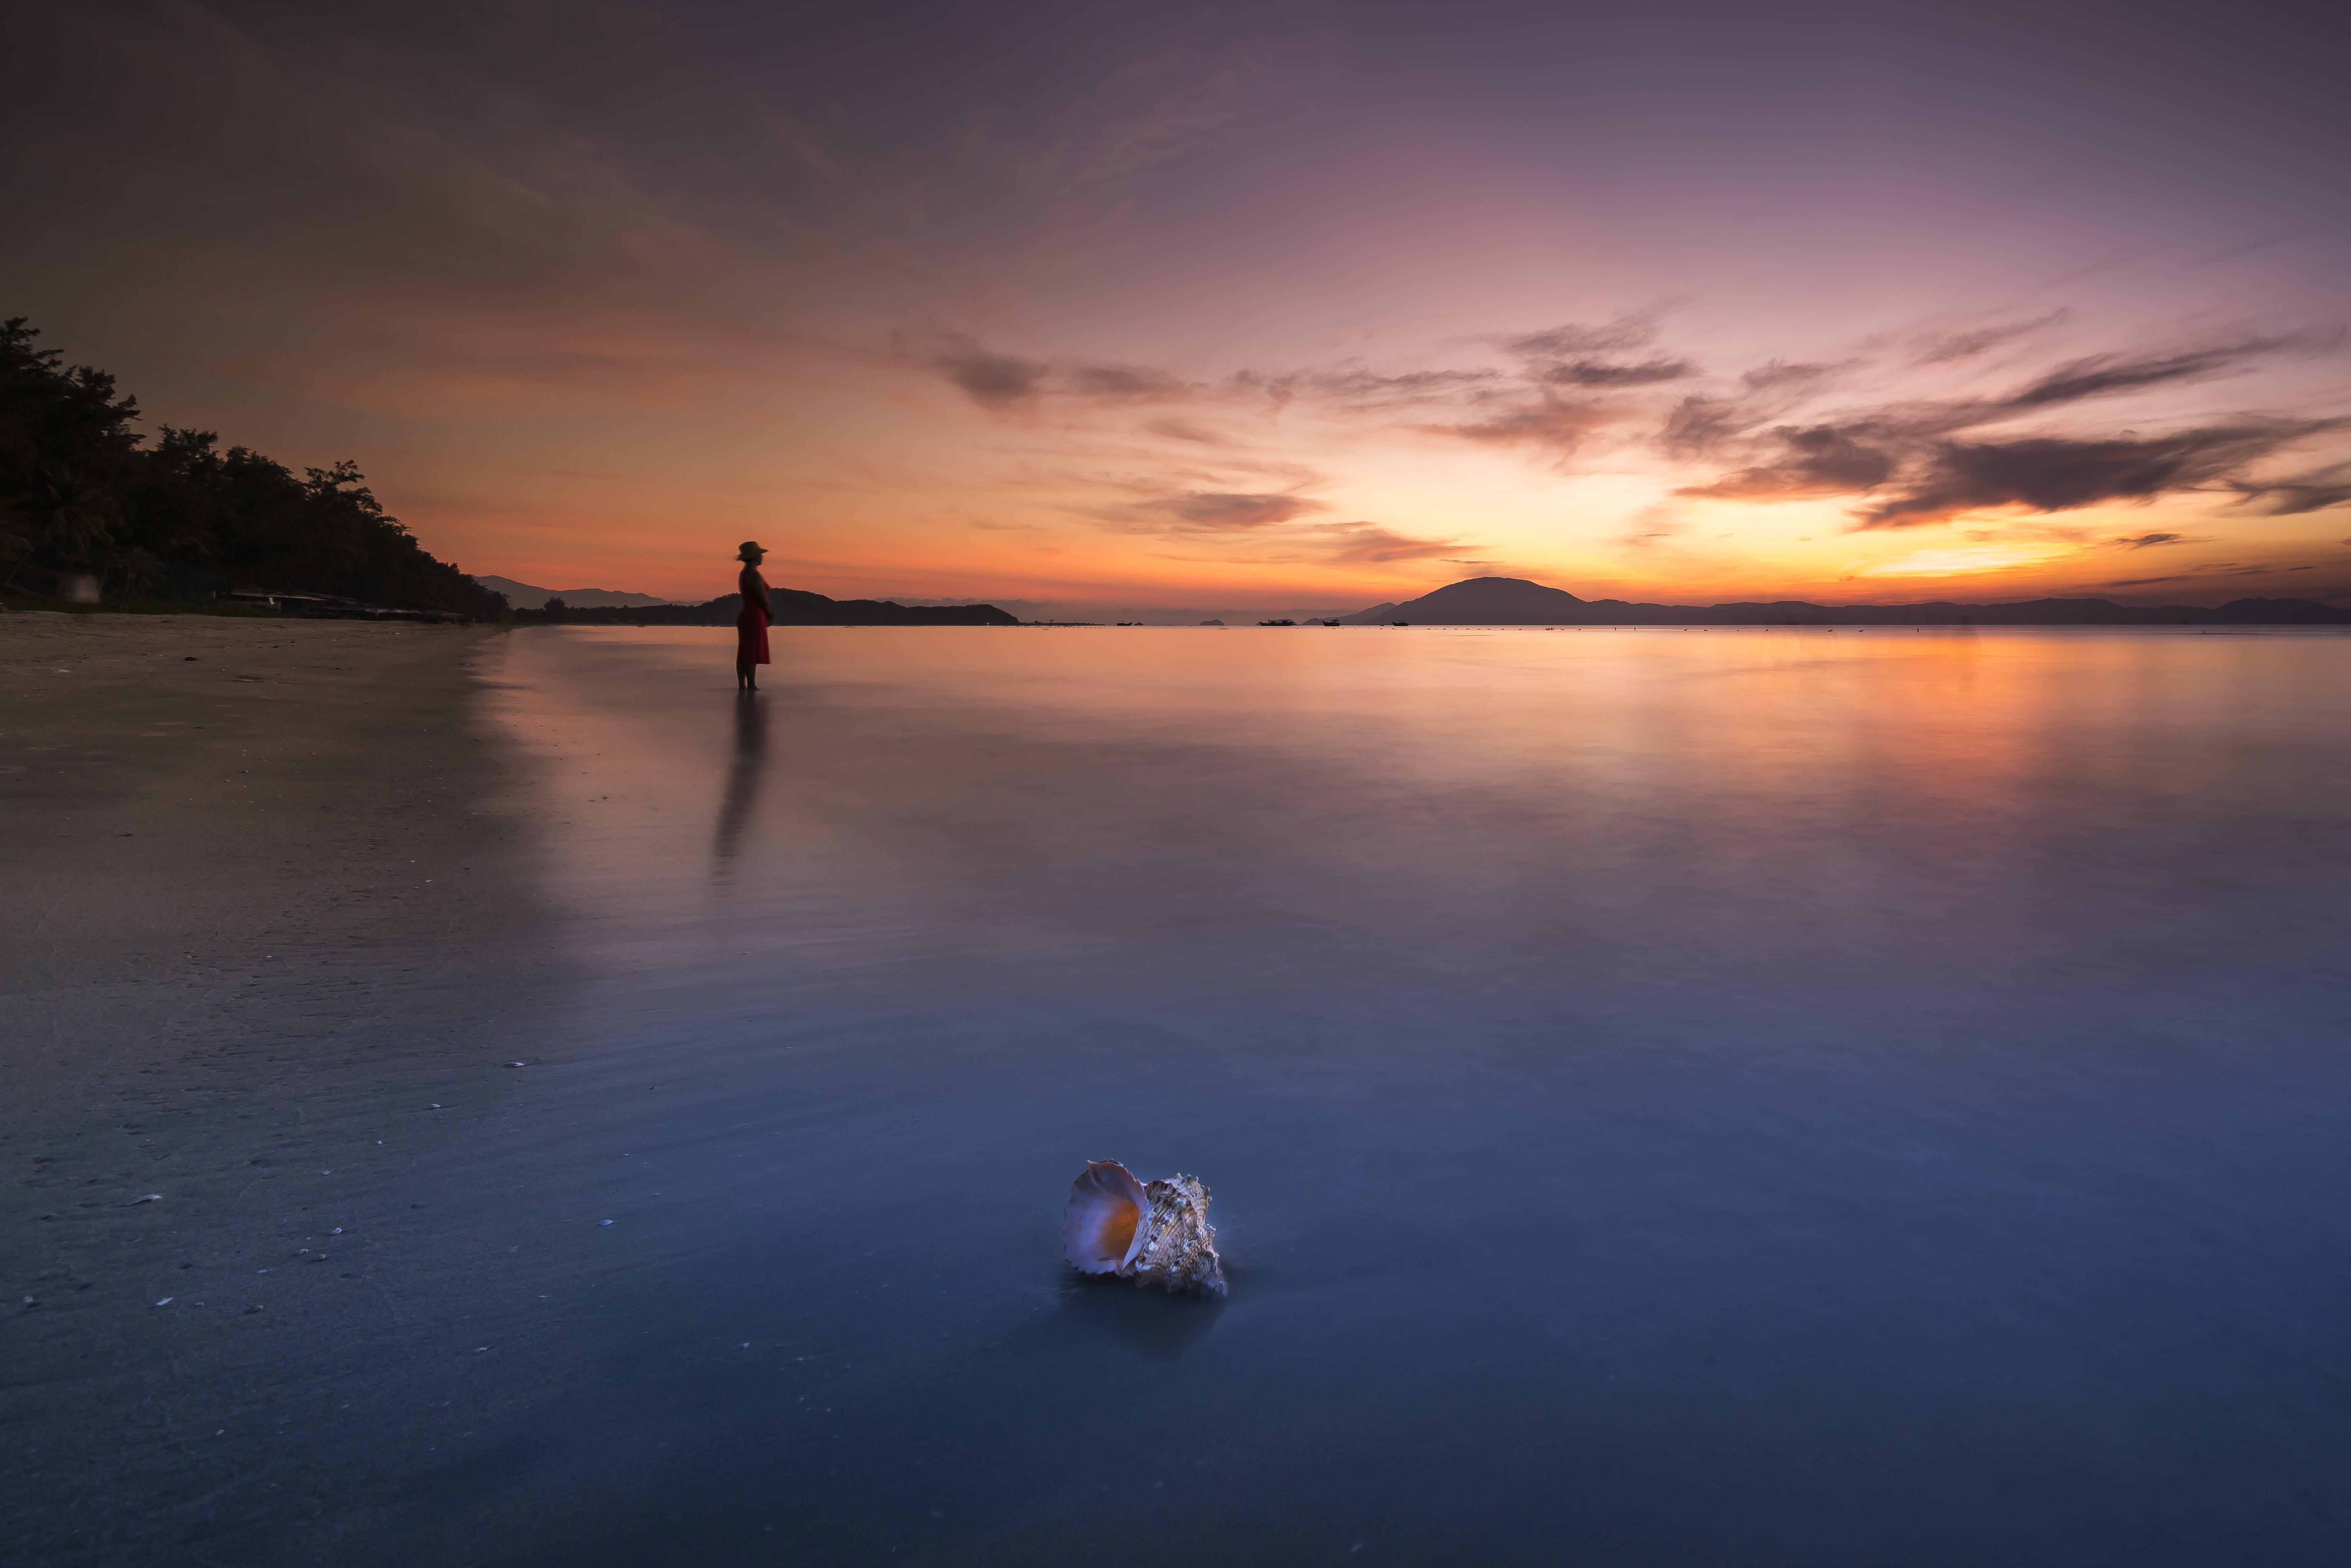 akşam karanlığı, bir başına, deniz, deniz manzarası içeren Ücretsiz stok fotoğraf